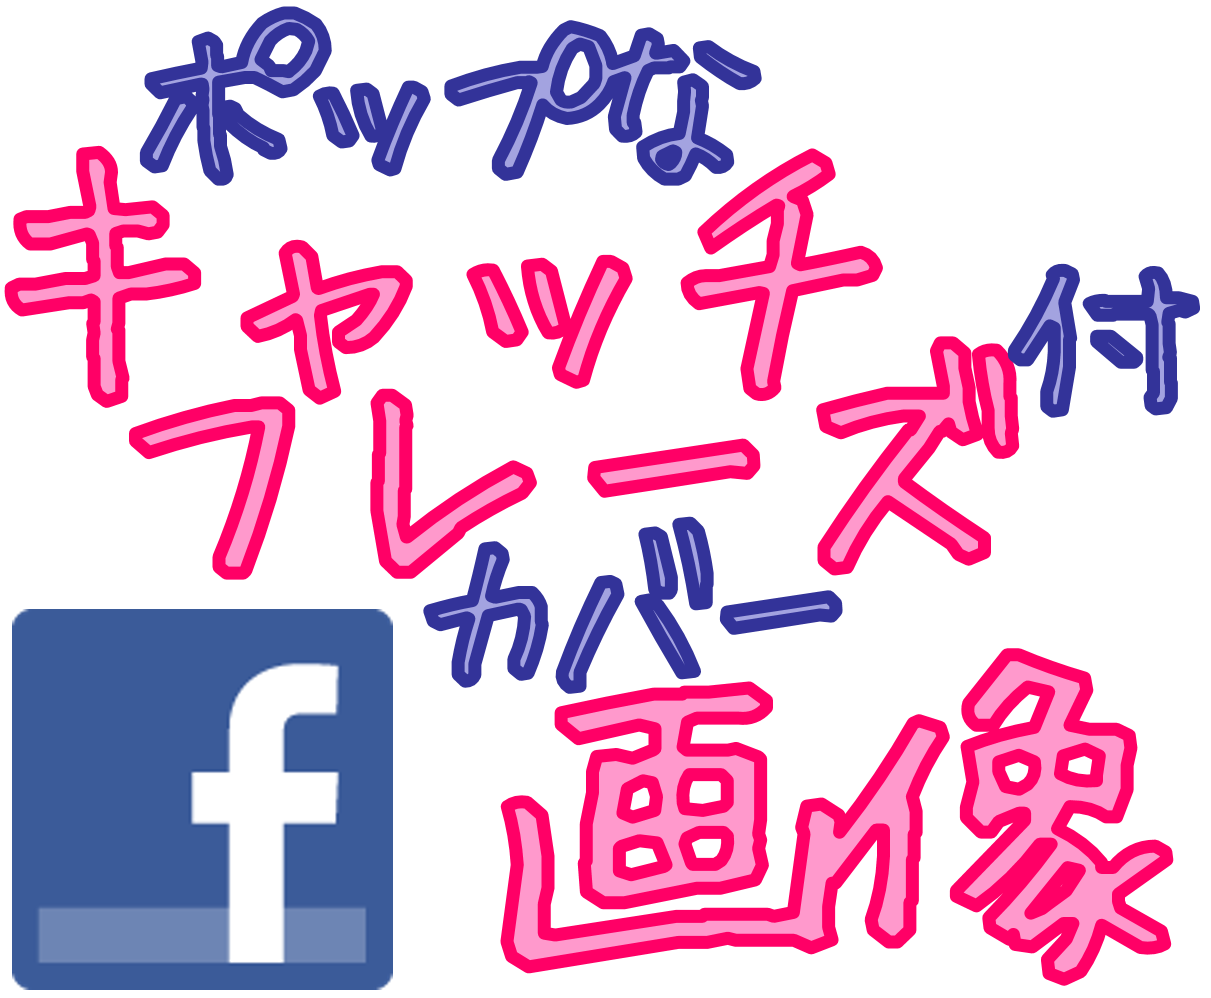 【無料枠】facebookカバー画像をポップなキャッチフレーズ付きで作ります。